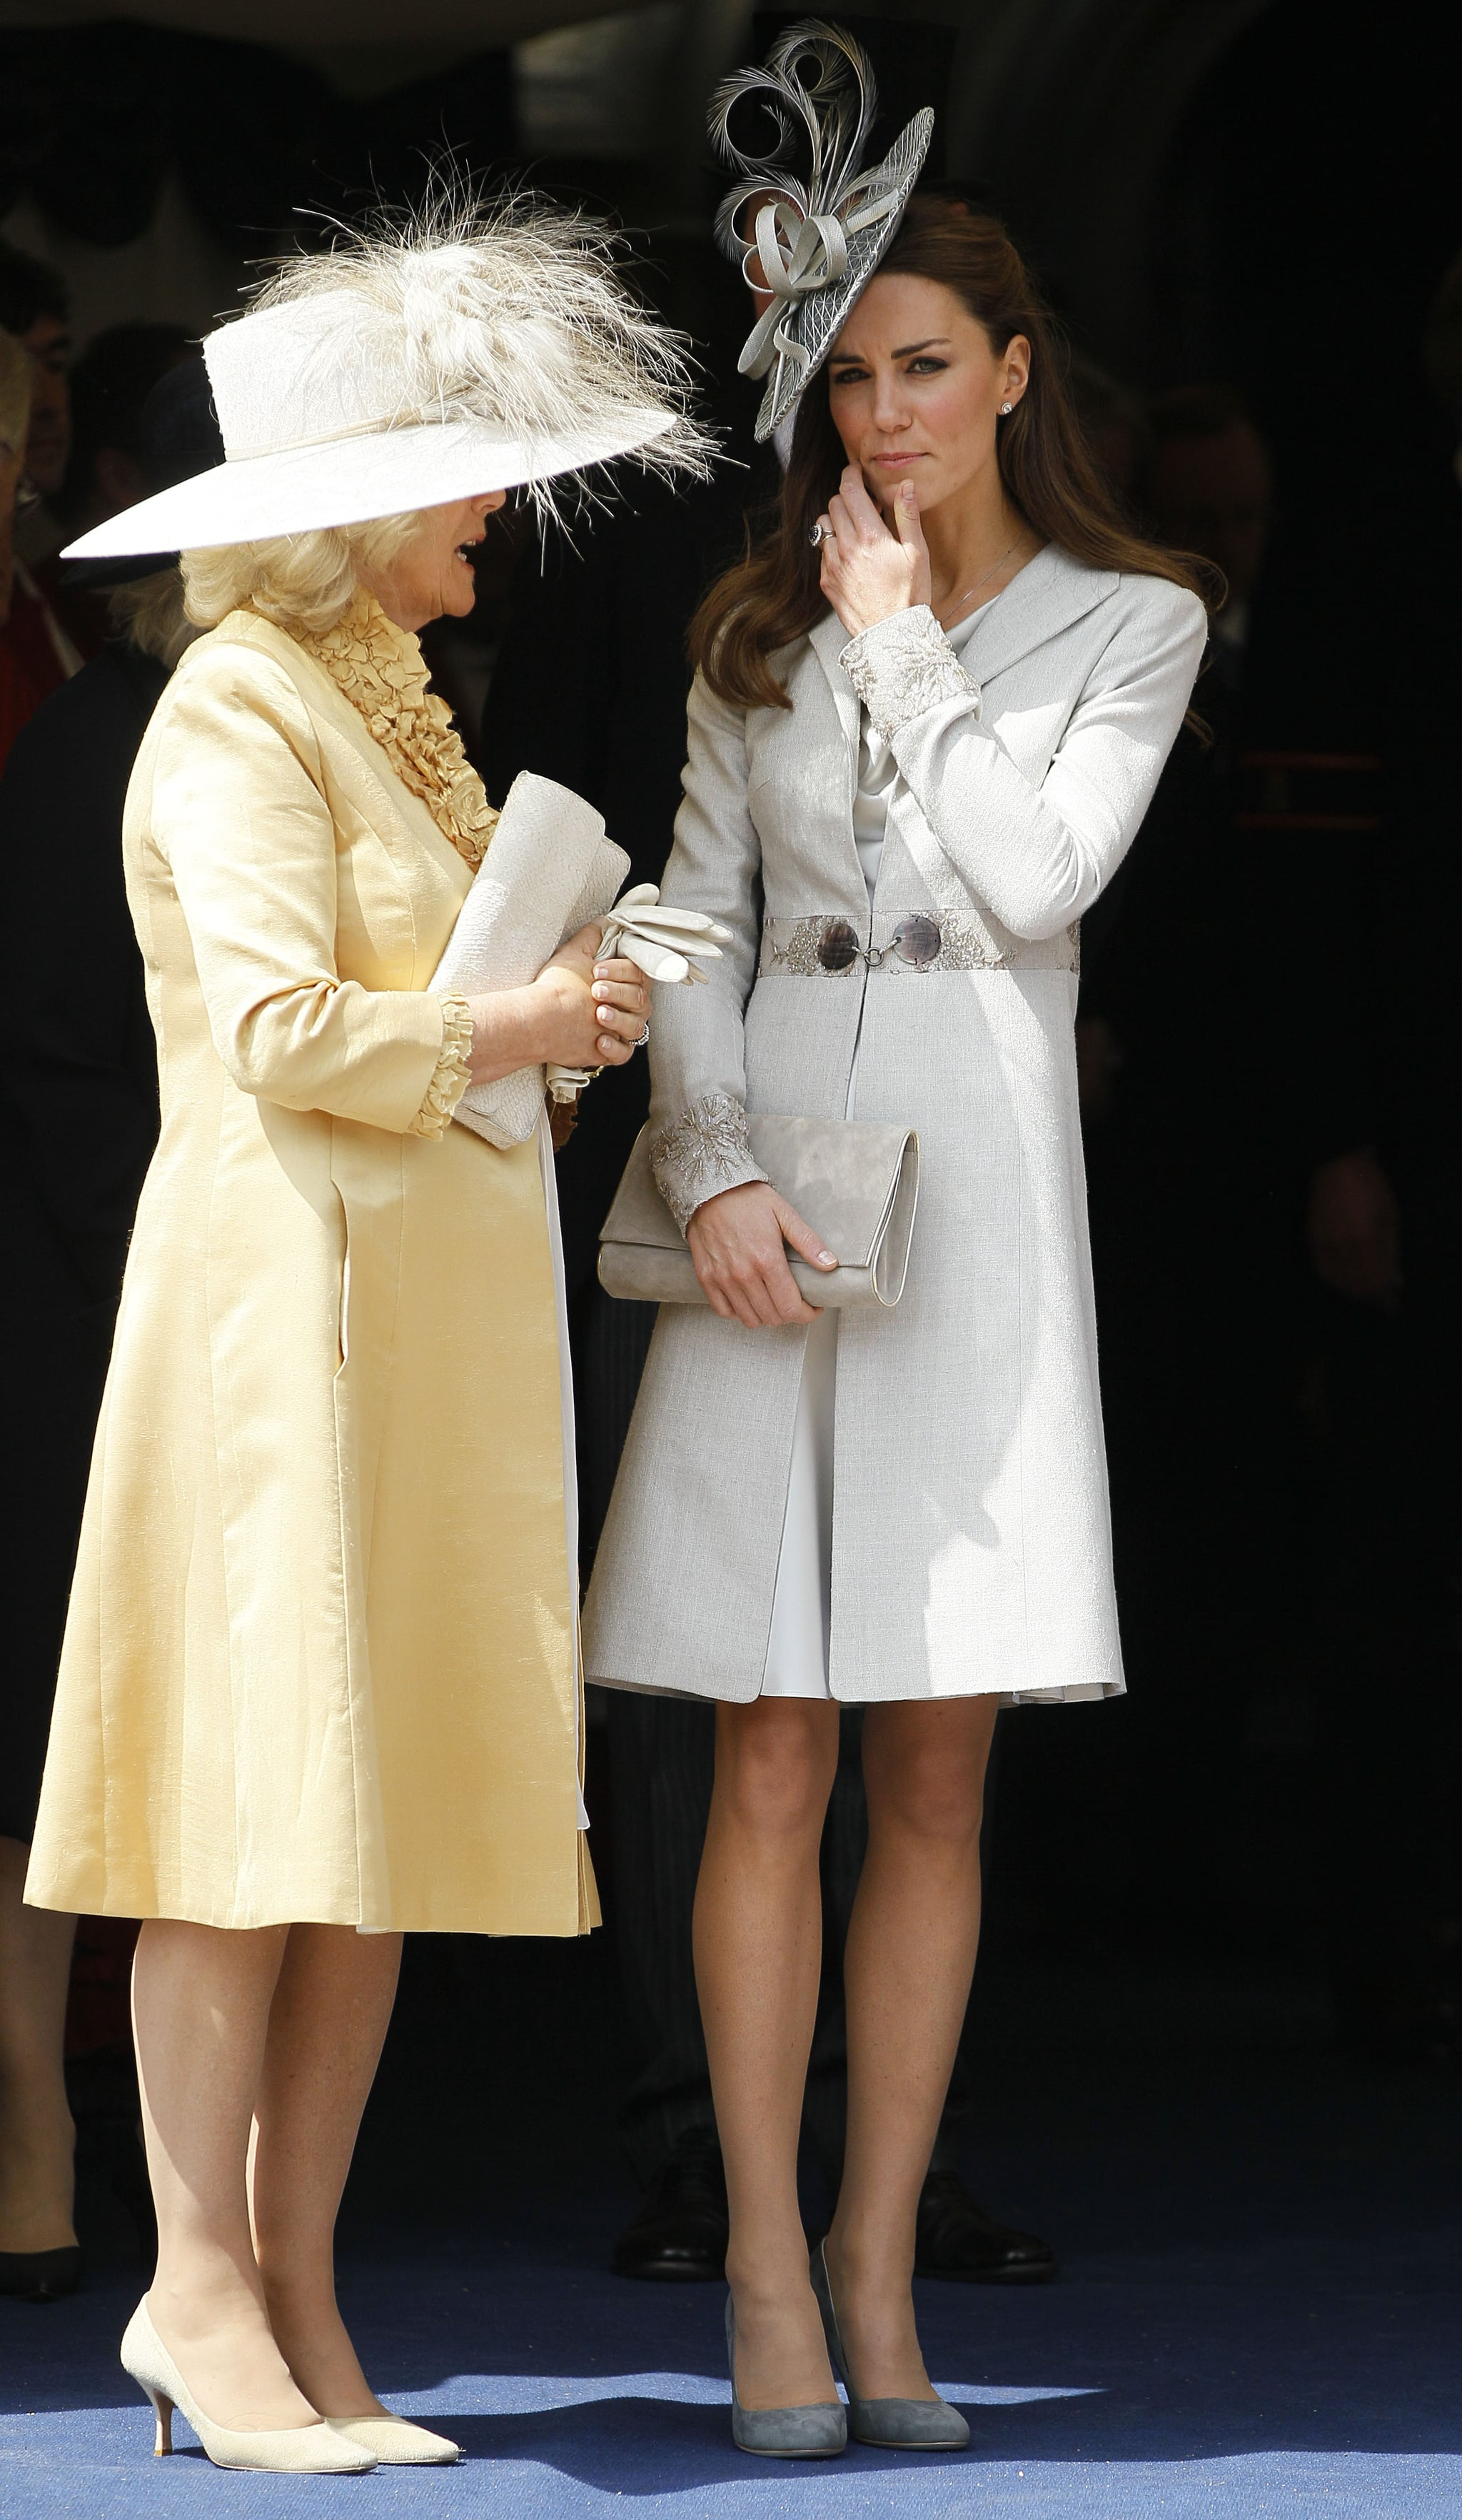 Kate Middleton in Windsor in 2011